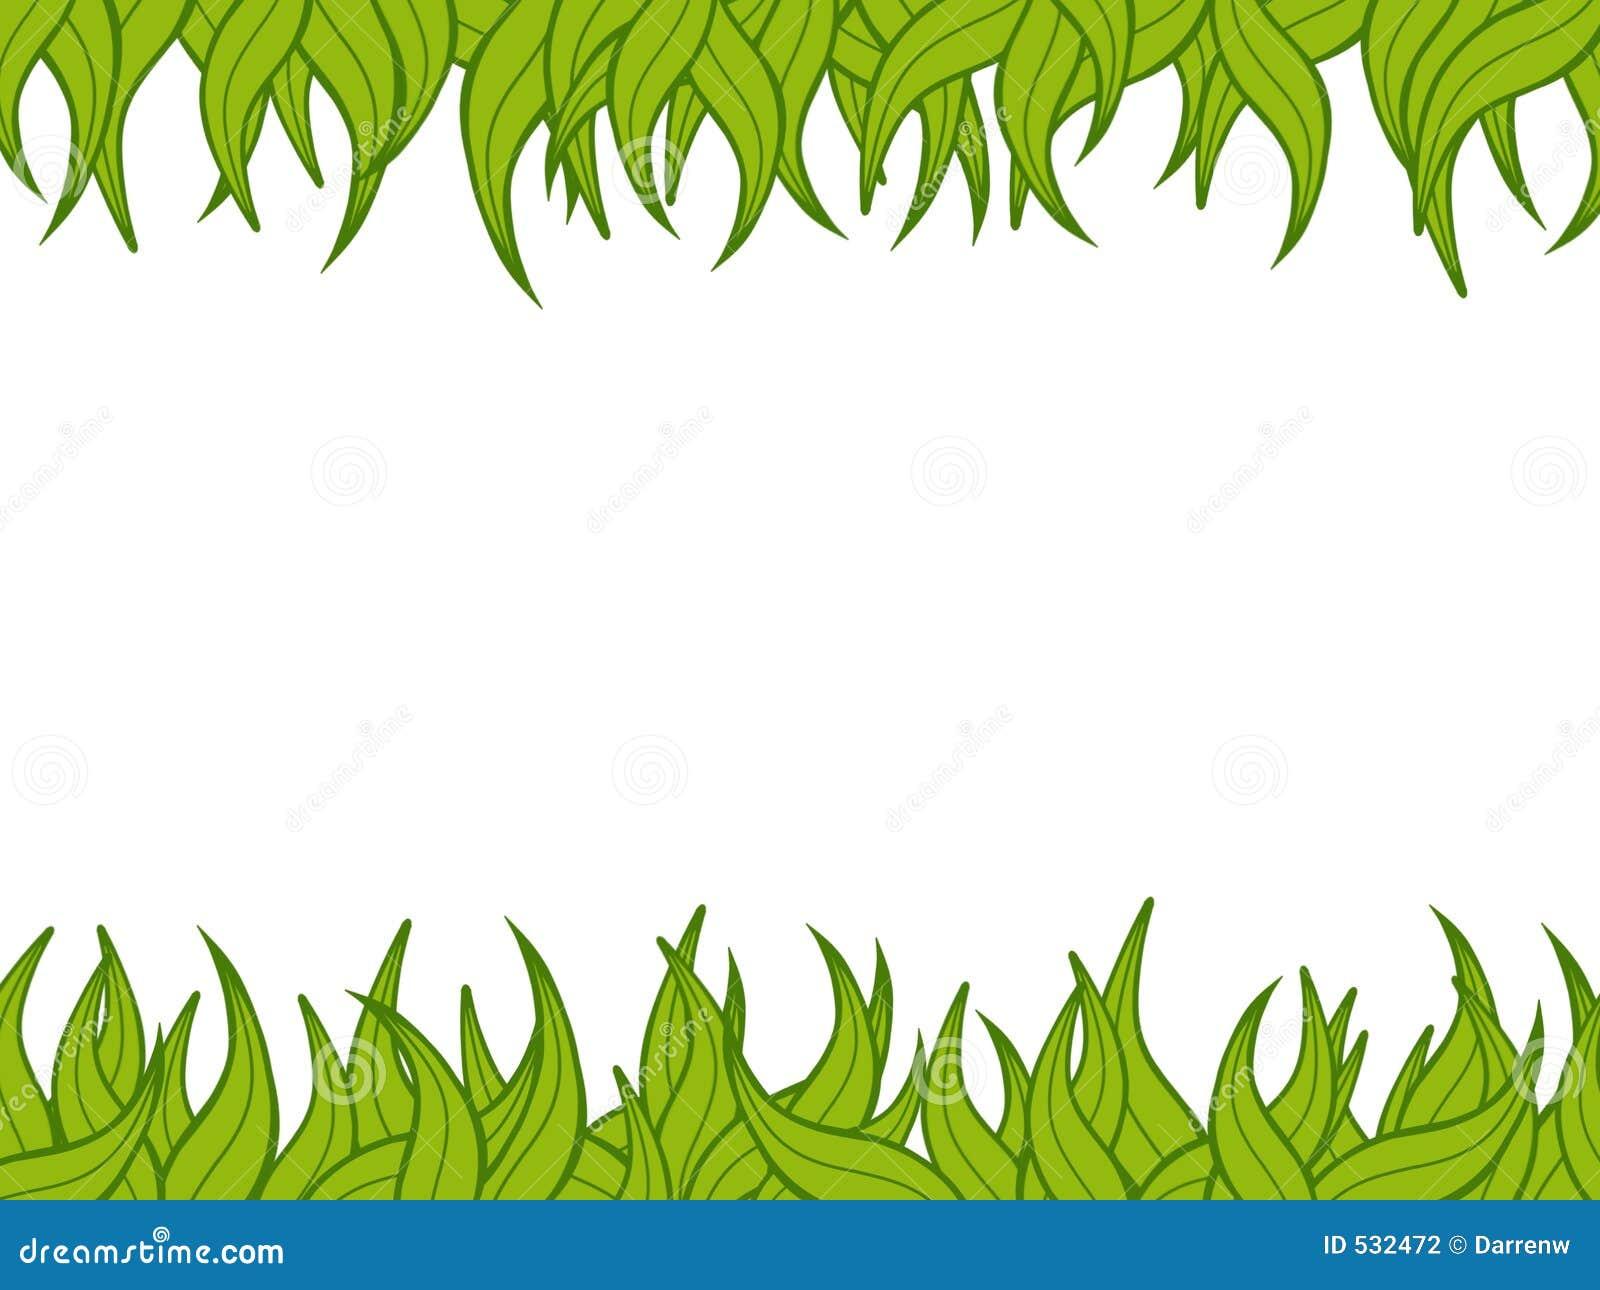 Download 边界工厂 库存例证. 插画 包括有 构成, 说明, 工厂, 绿色, 附庸风雅, 例证, 框架, 叶子, 艺术 - 532472